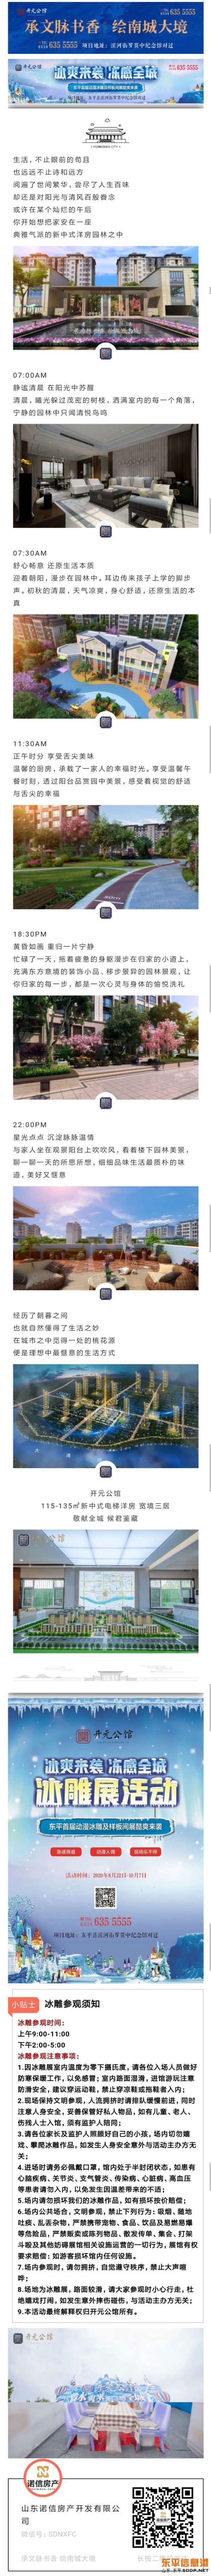 寰?俊鍥剧墖_20200914105707.jpg